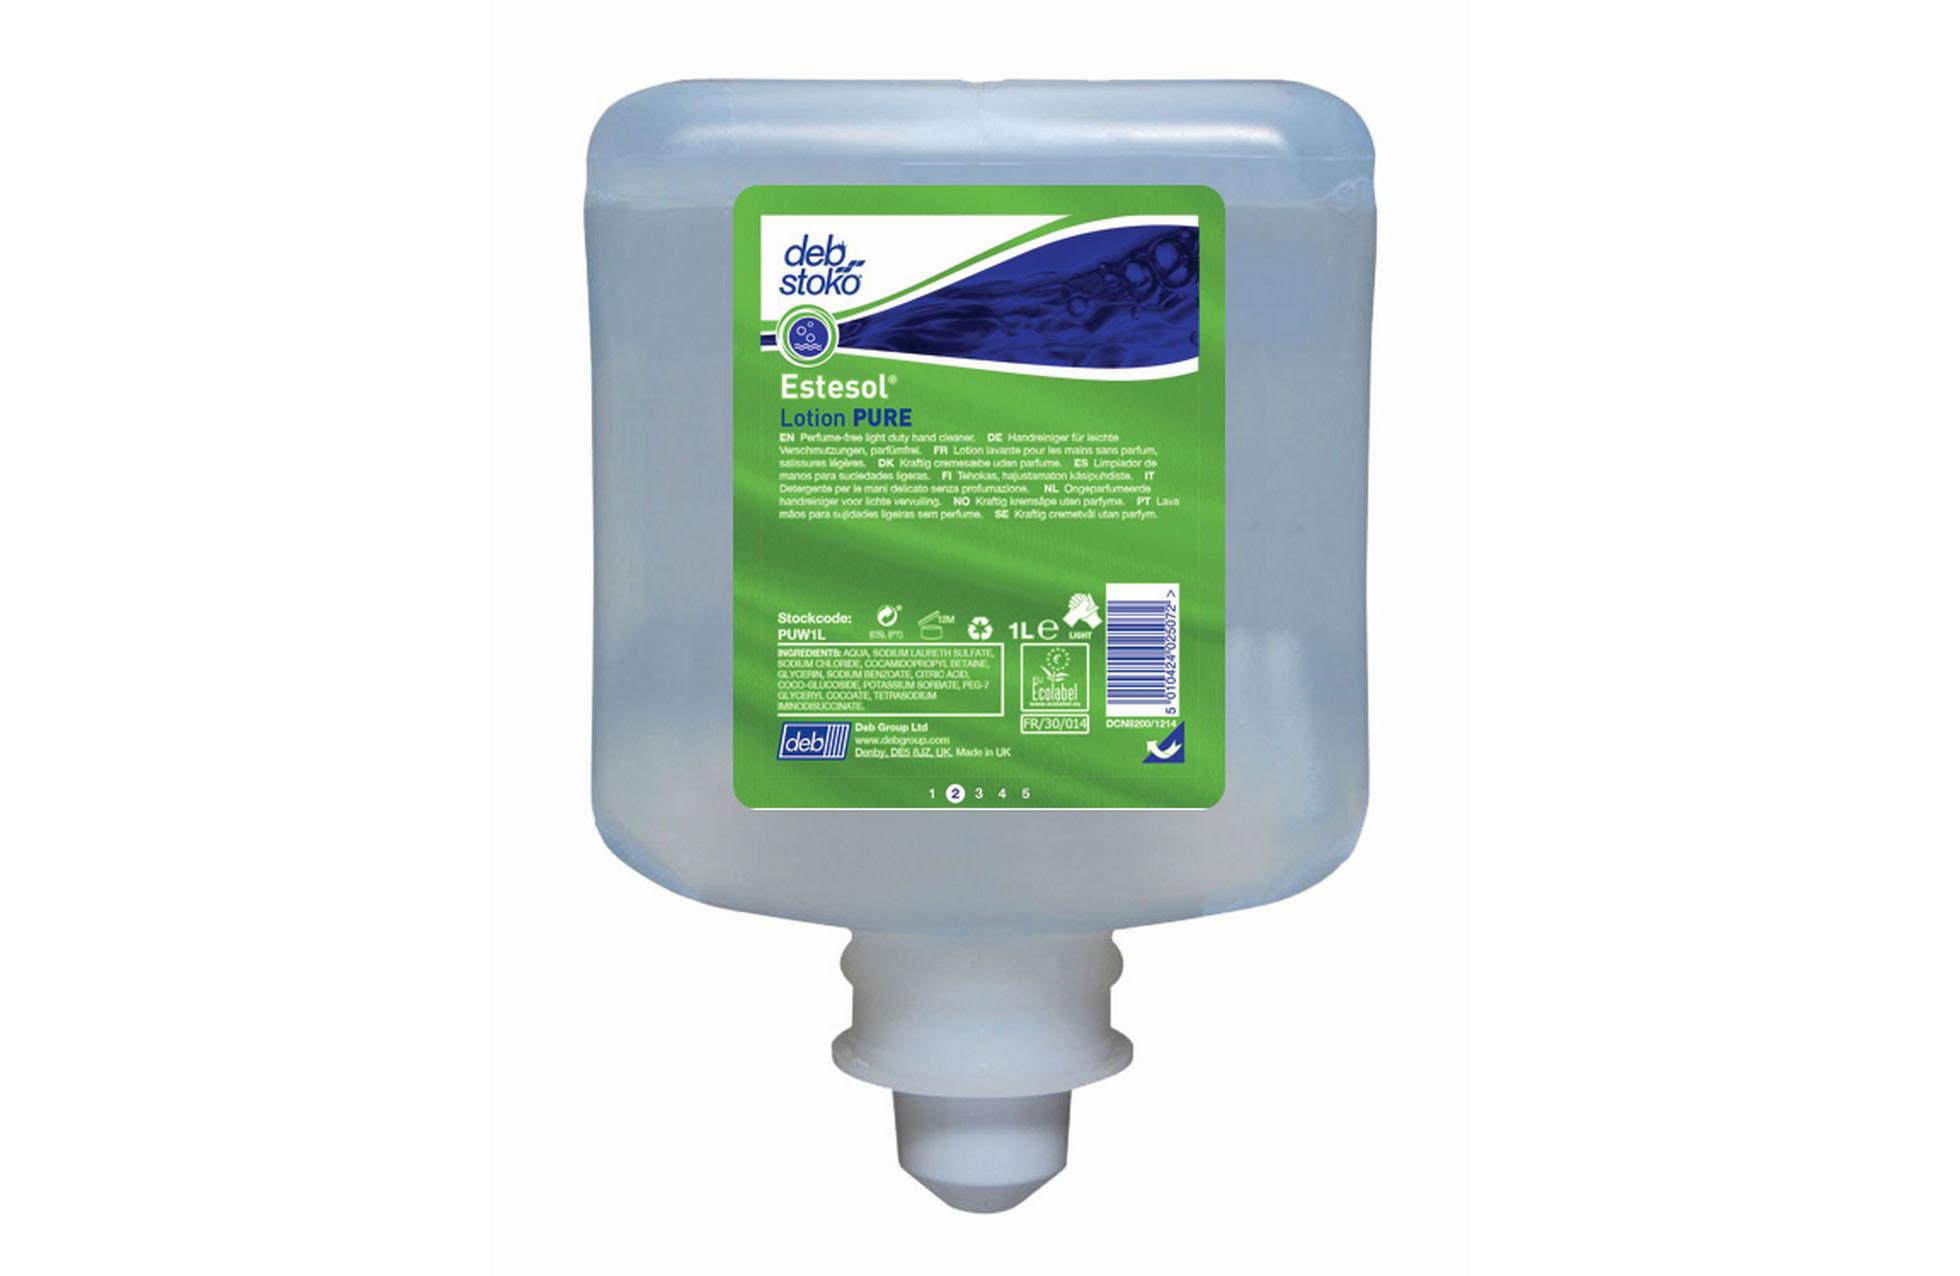 debstoko-estesol-lotion-pure-1l